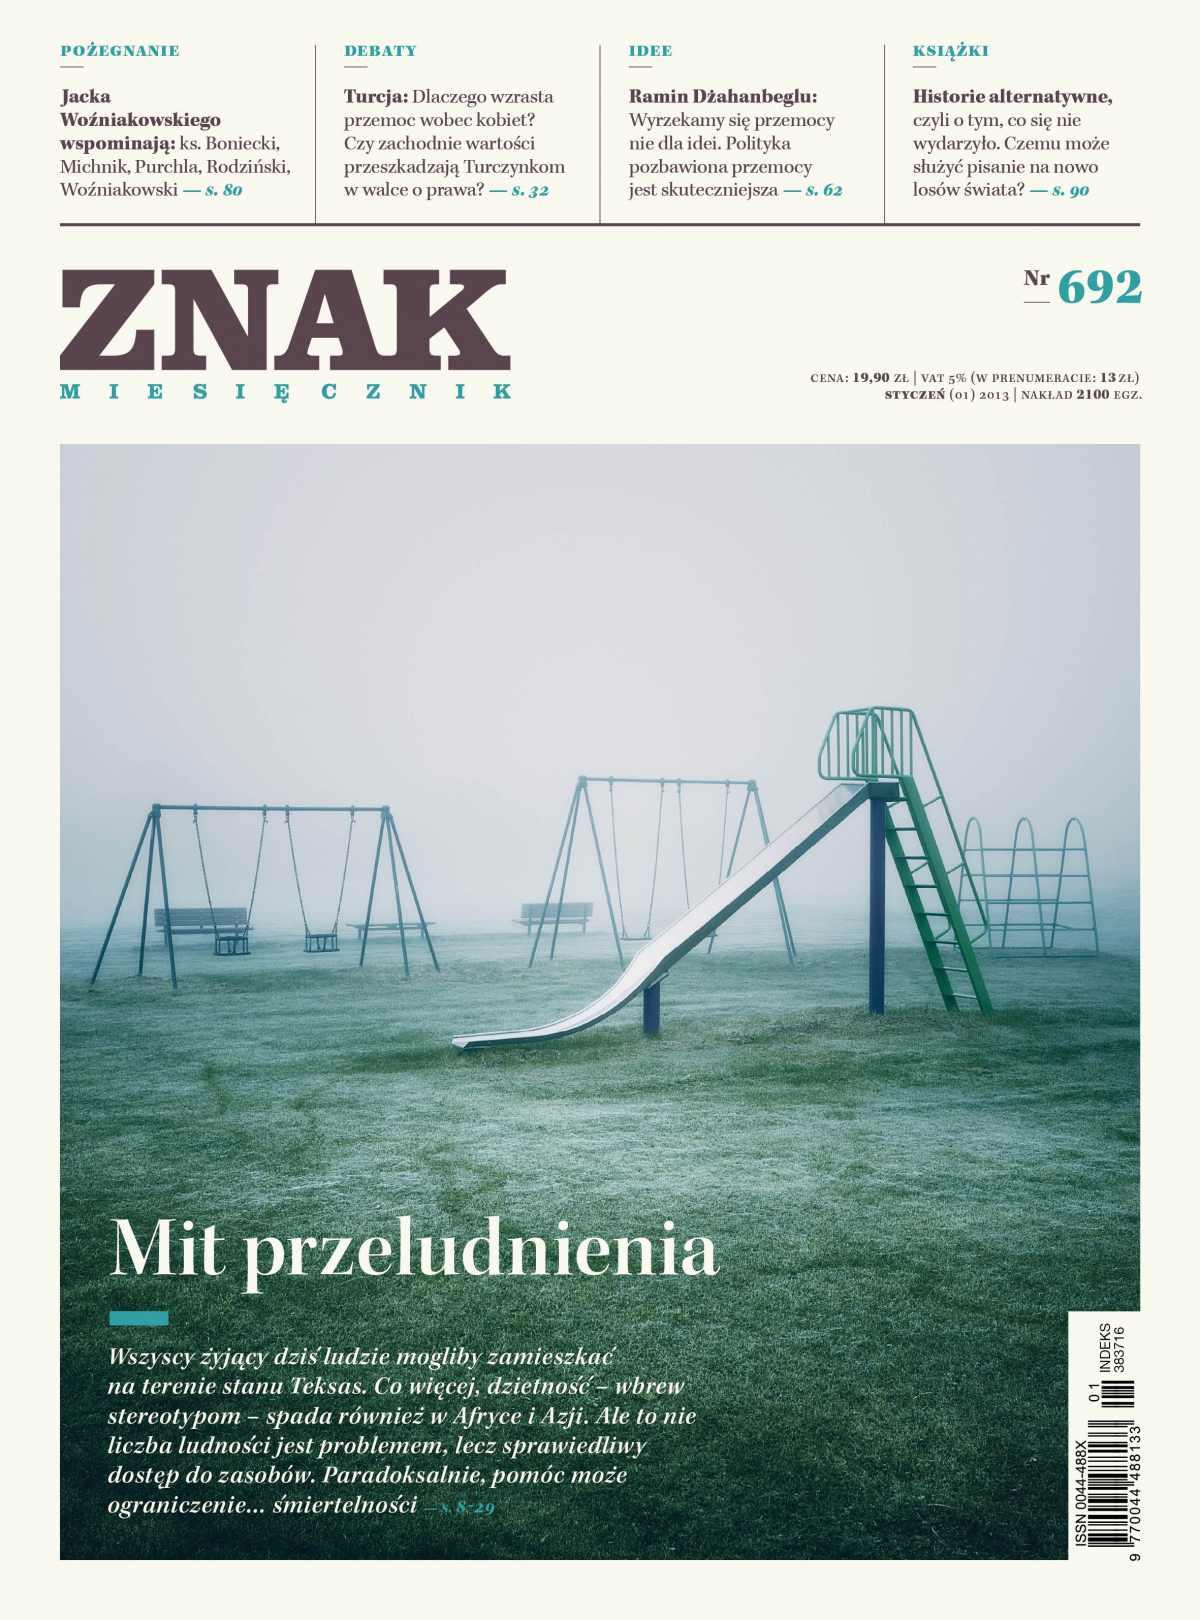 Miesięcznik Znak. Styczeń 2013 - Ebook (Książka PDF) do pobrania w formacie PDF